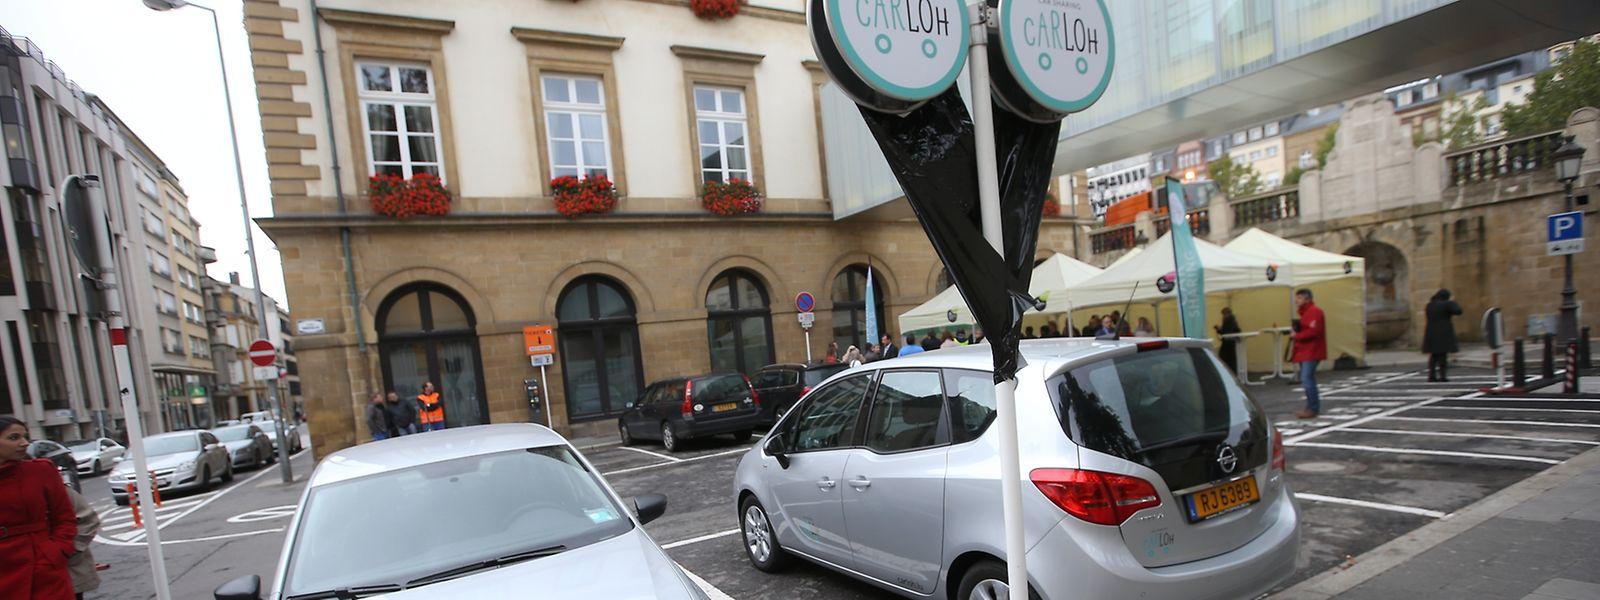 Angeboten werden zwei Modelle: der Kleinwagen VW Polo und der geräumigere Opel Meriva.